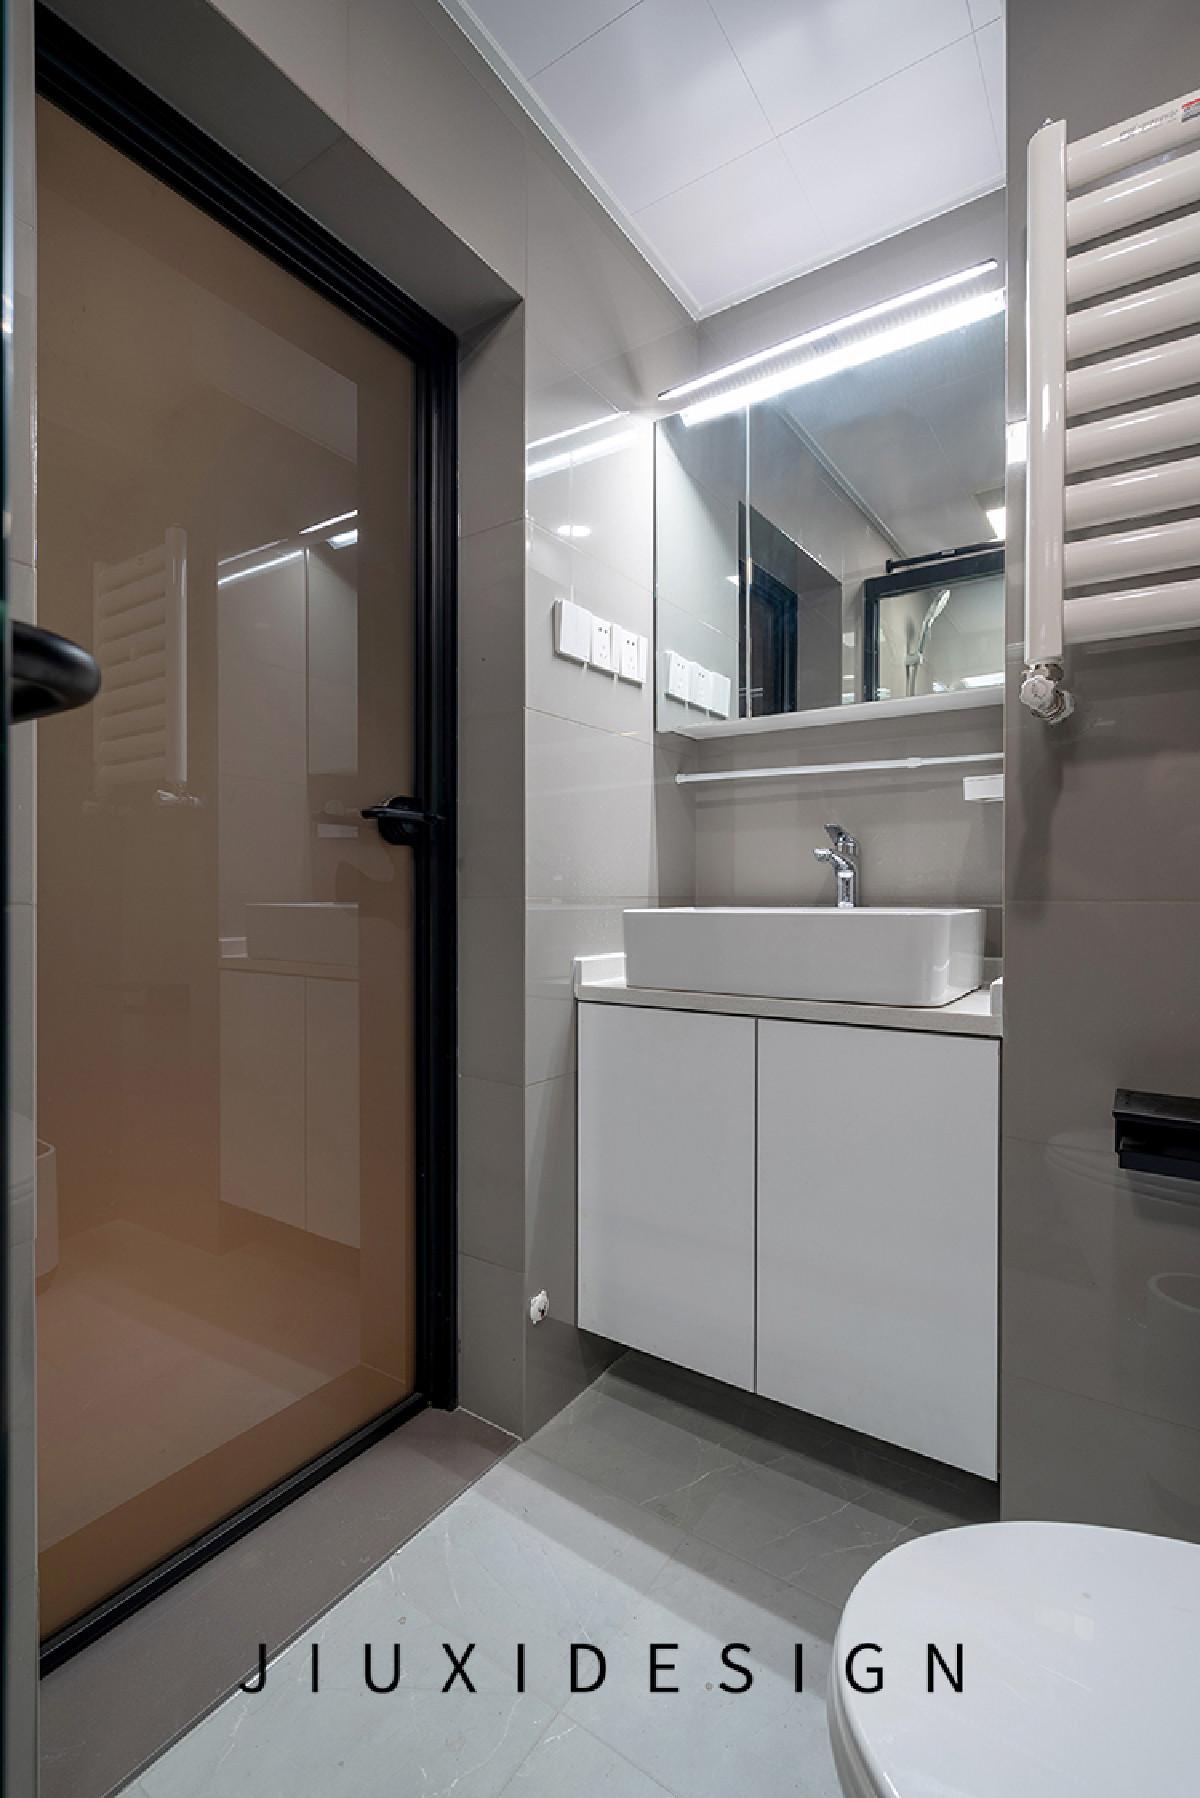 门口处的过门石可有效预防卫生间的水进入室内,门玻璃为双色玻璃,外侧为黑色,内侧为黄色。